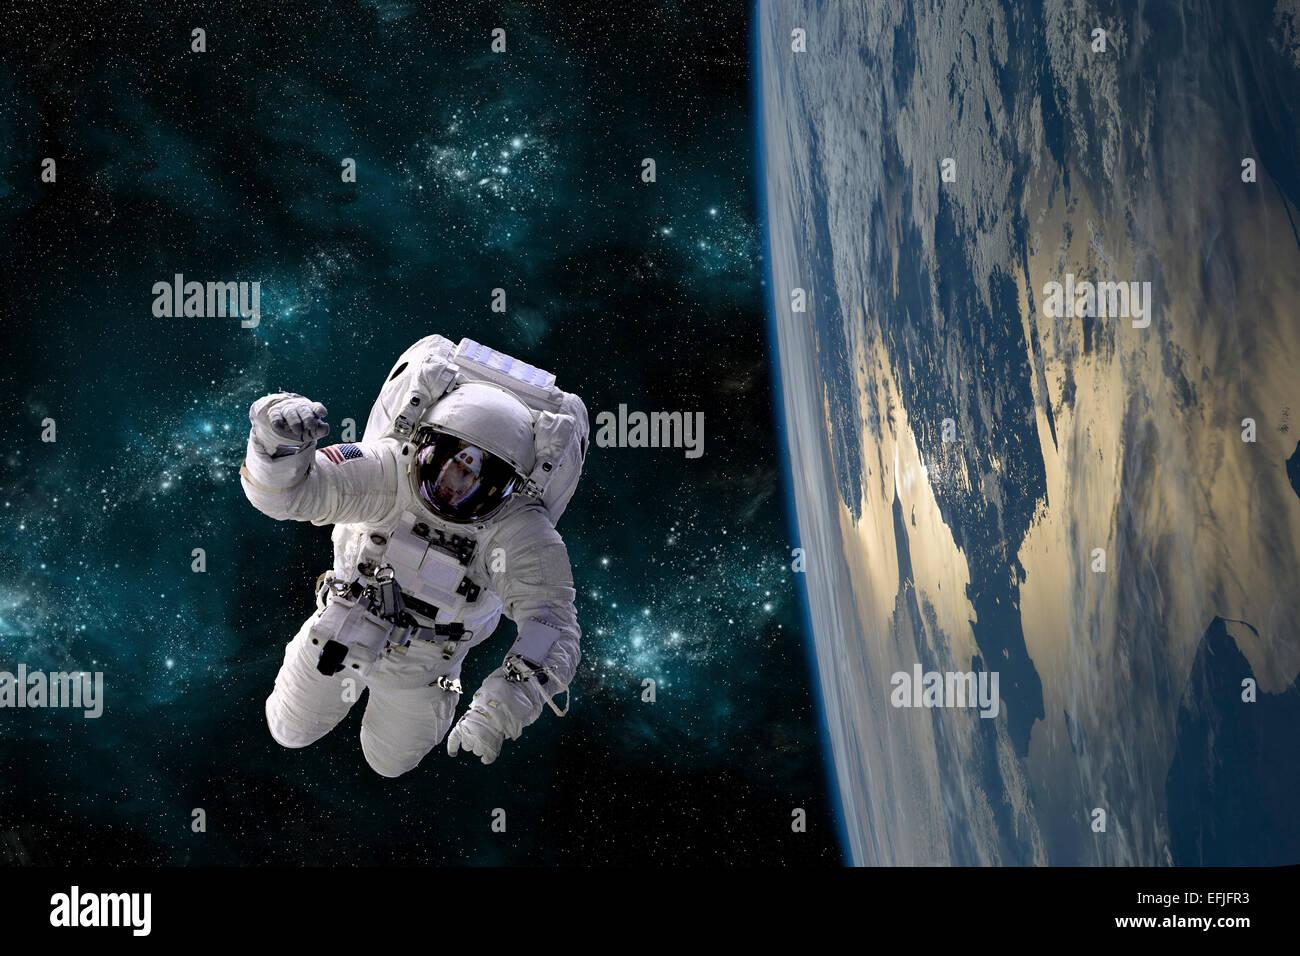 Ein Künstler Darstellung eines Astronauten, die im Raum schweben, während einen großen, erdähnliche Stockbild